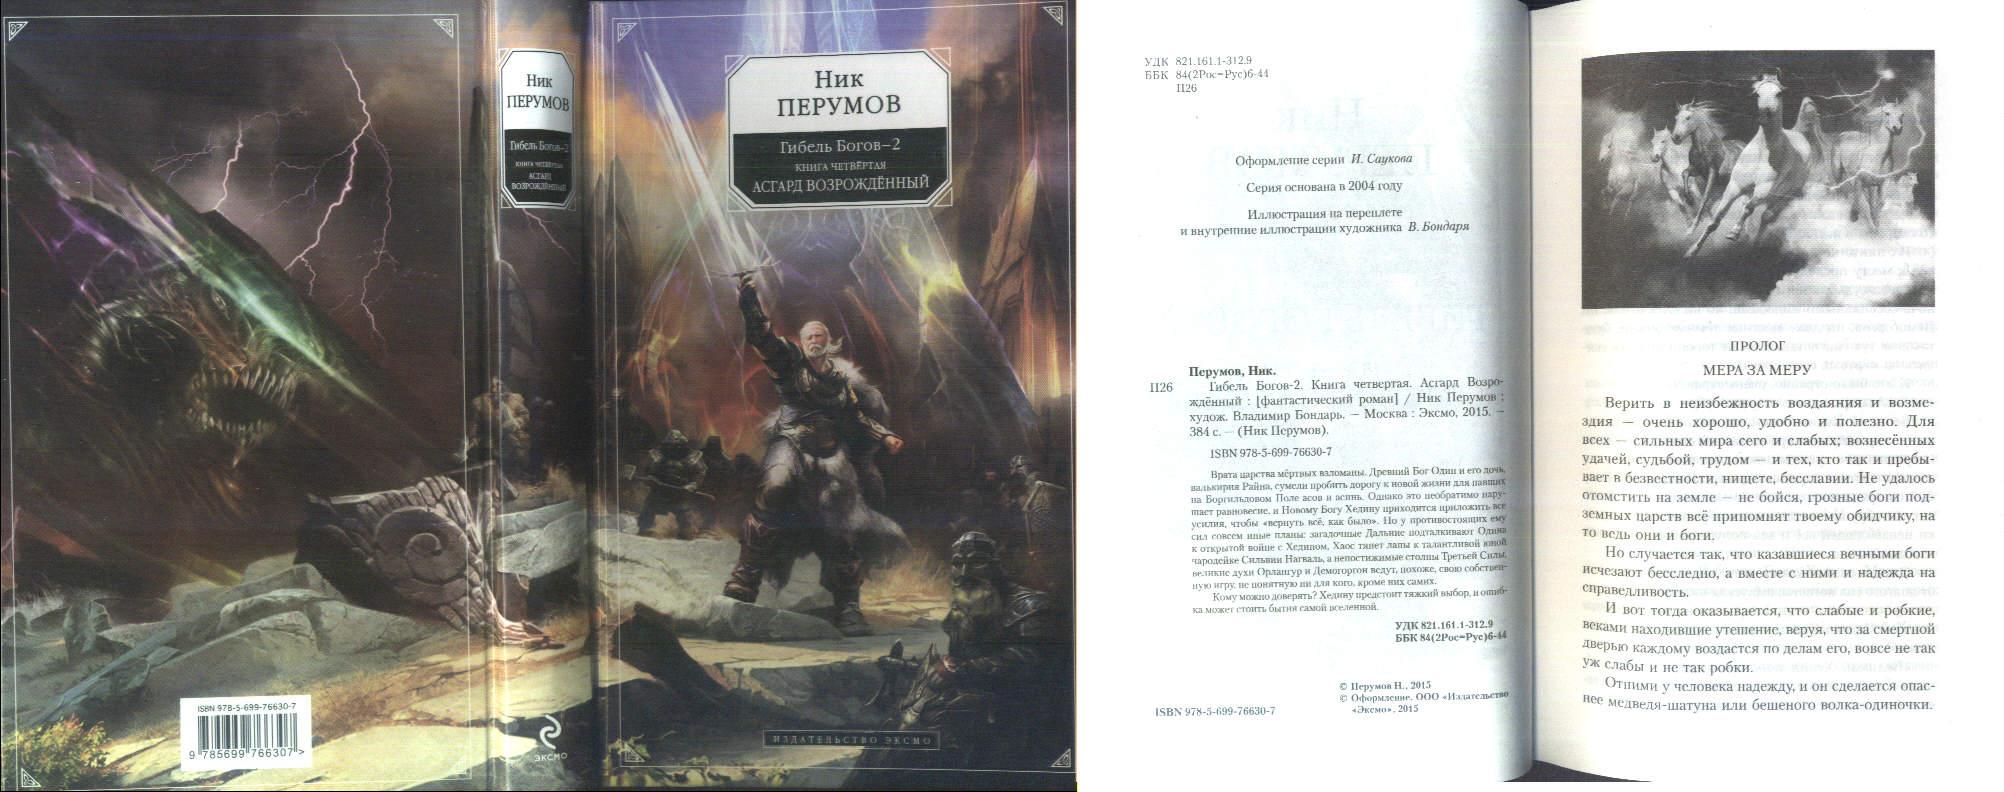 Гибель богов книга 3 читать